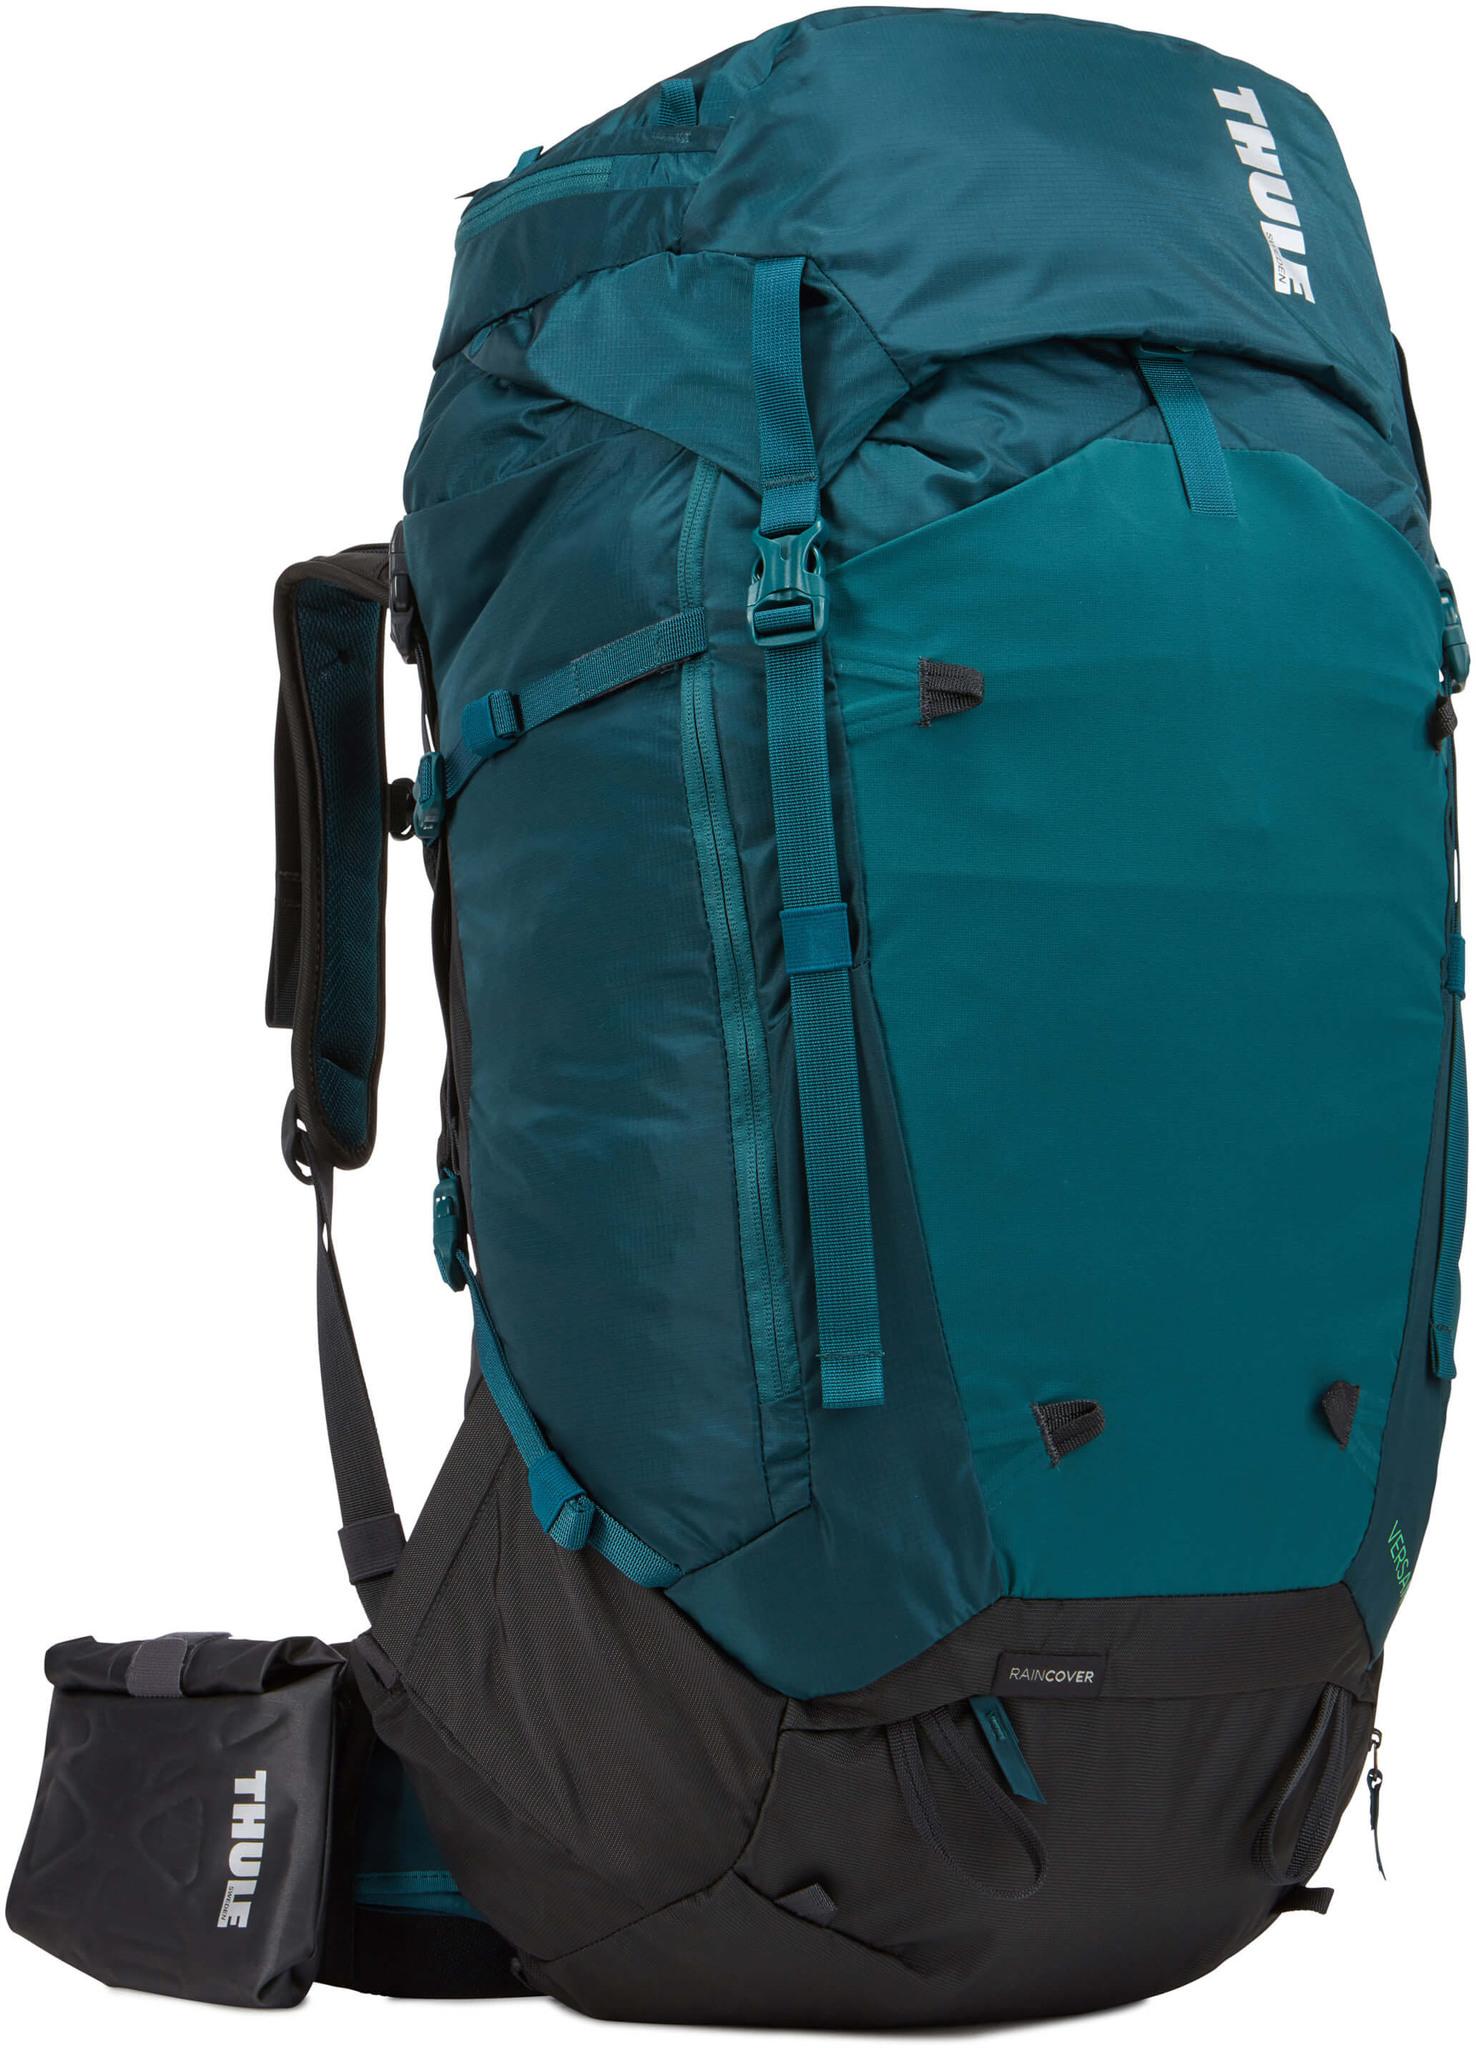 Туристические рюкзаки Thule Рюкзак Thule Versant 60 3203567.jpeg.jpg